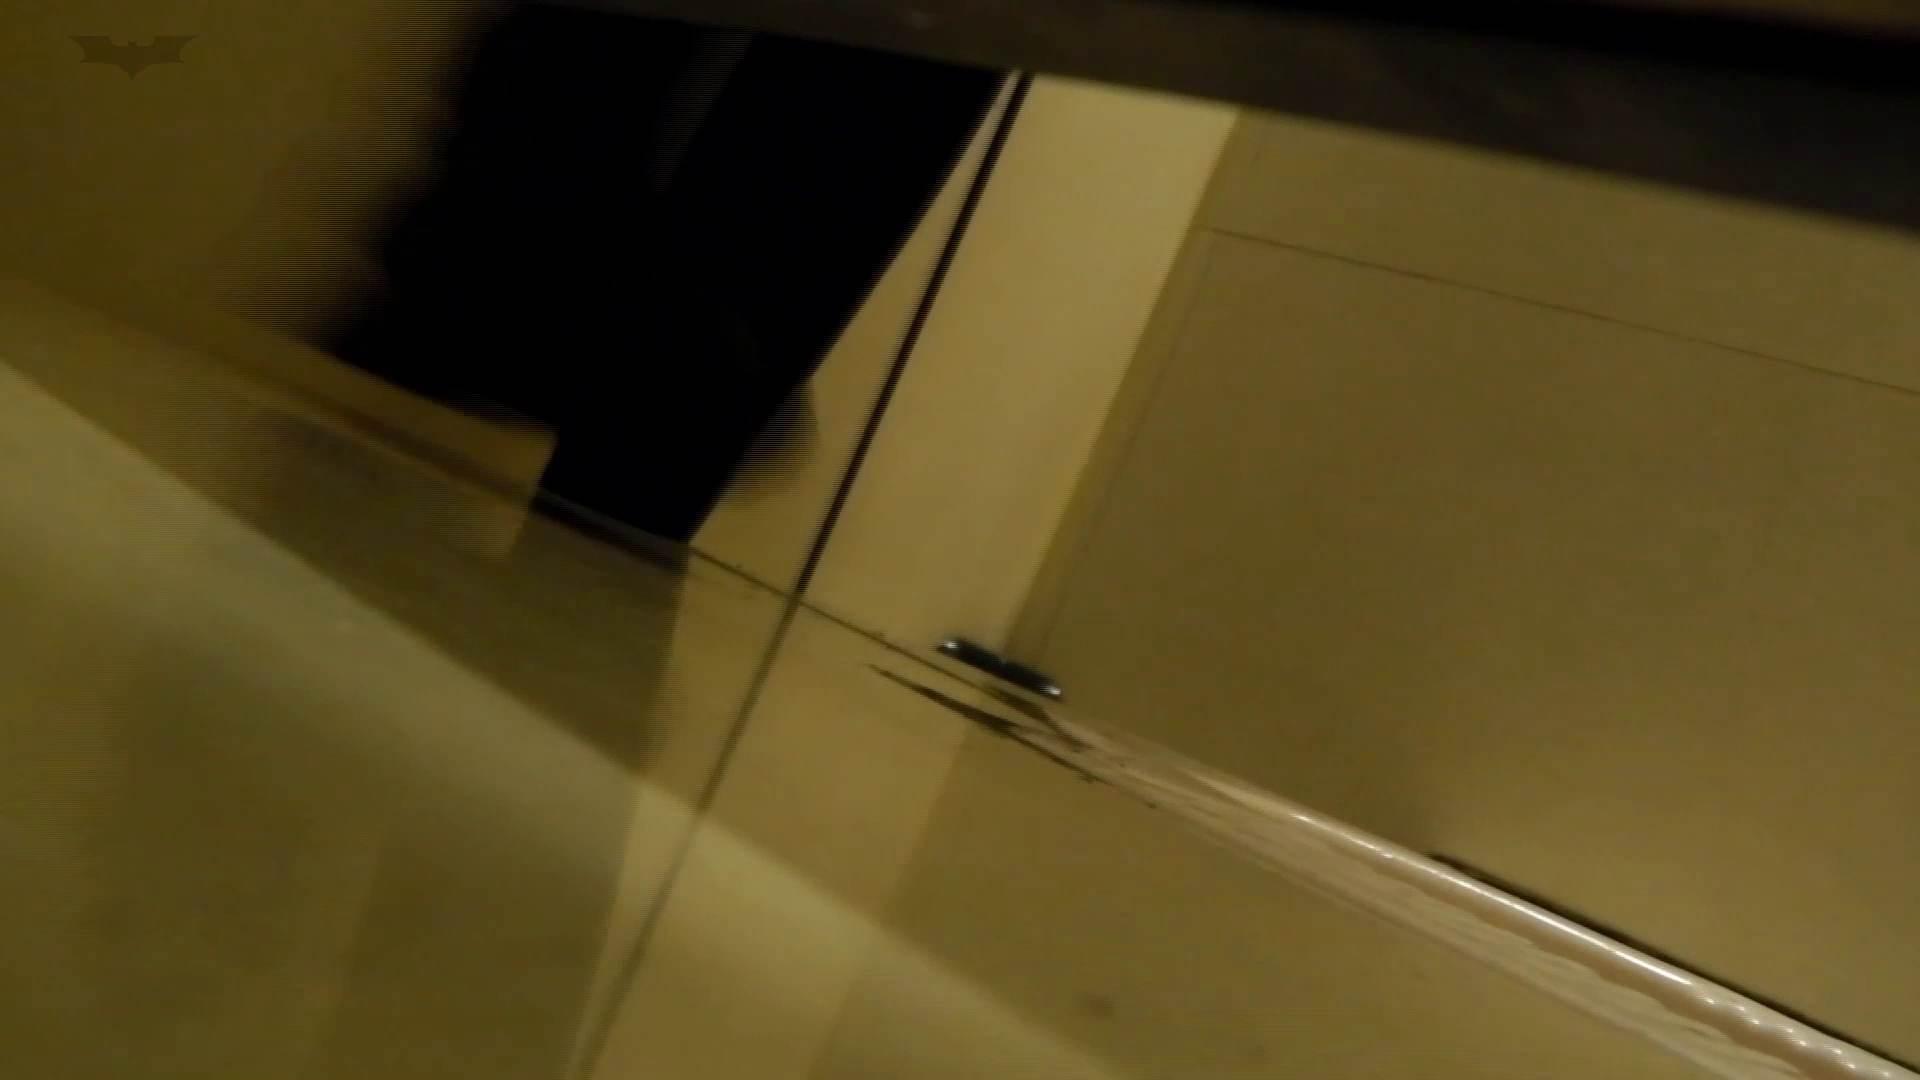 新世界の射窓 No78 トリンドル 玲奈似登場シリーズ美女率最高作! 高画質  89PIX 89